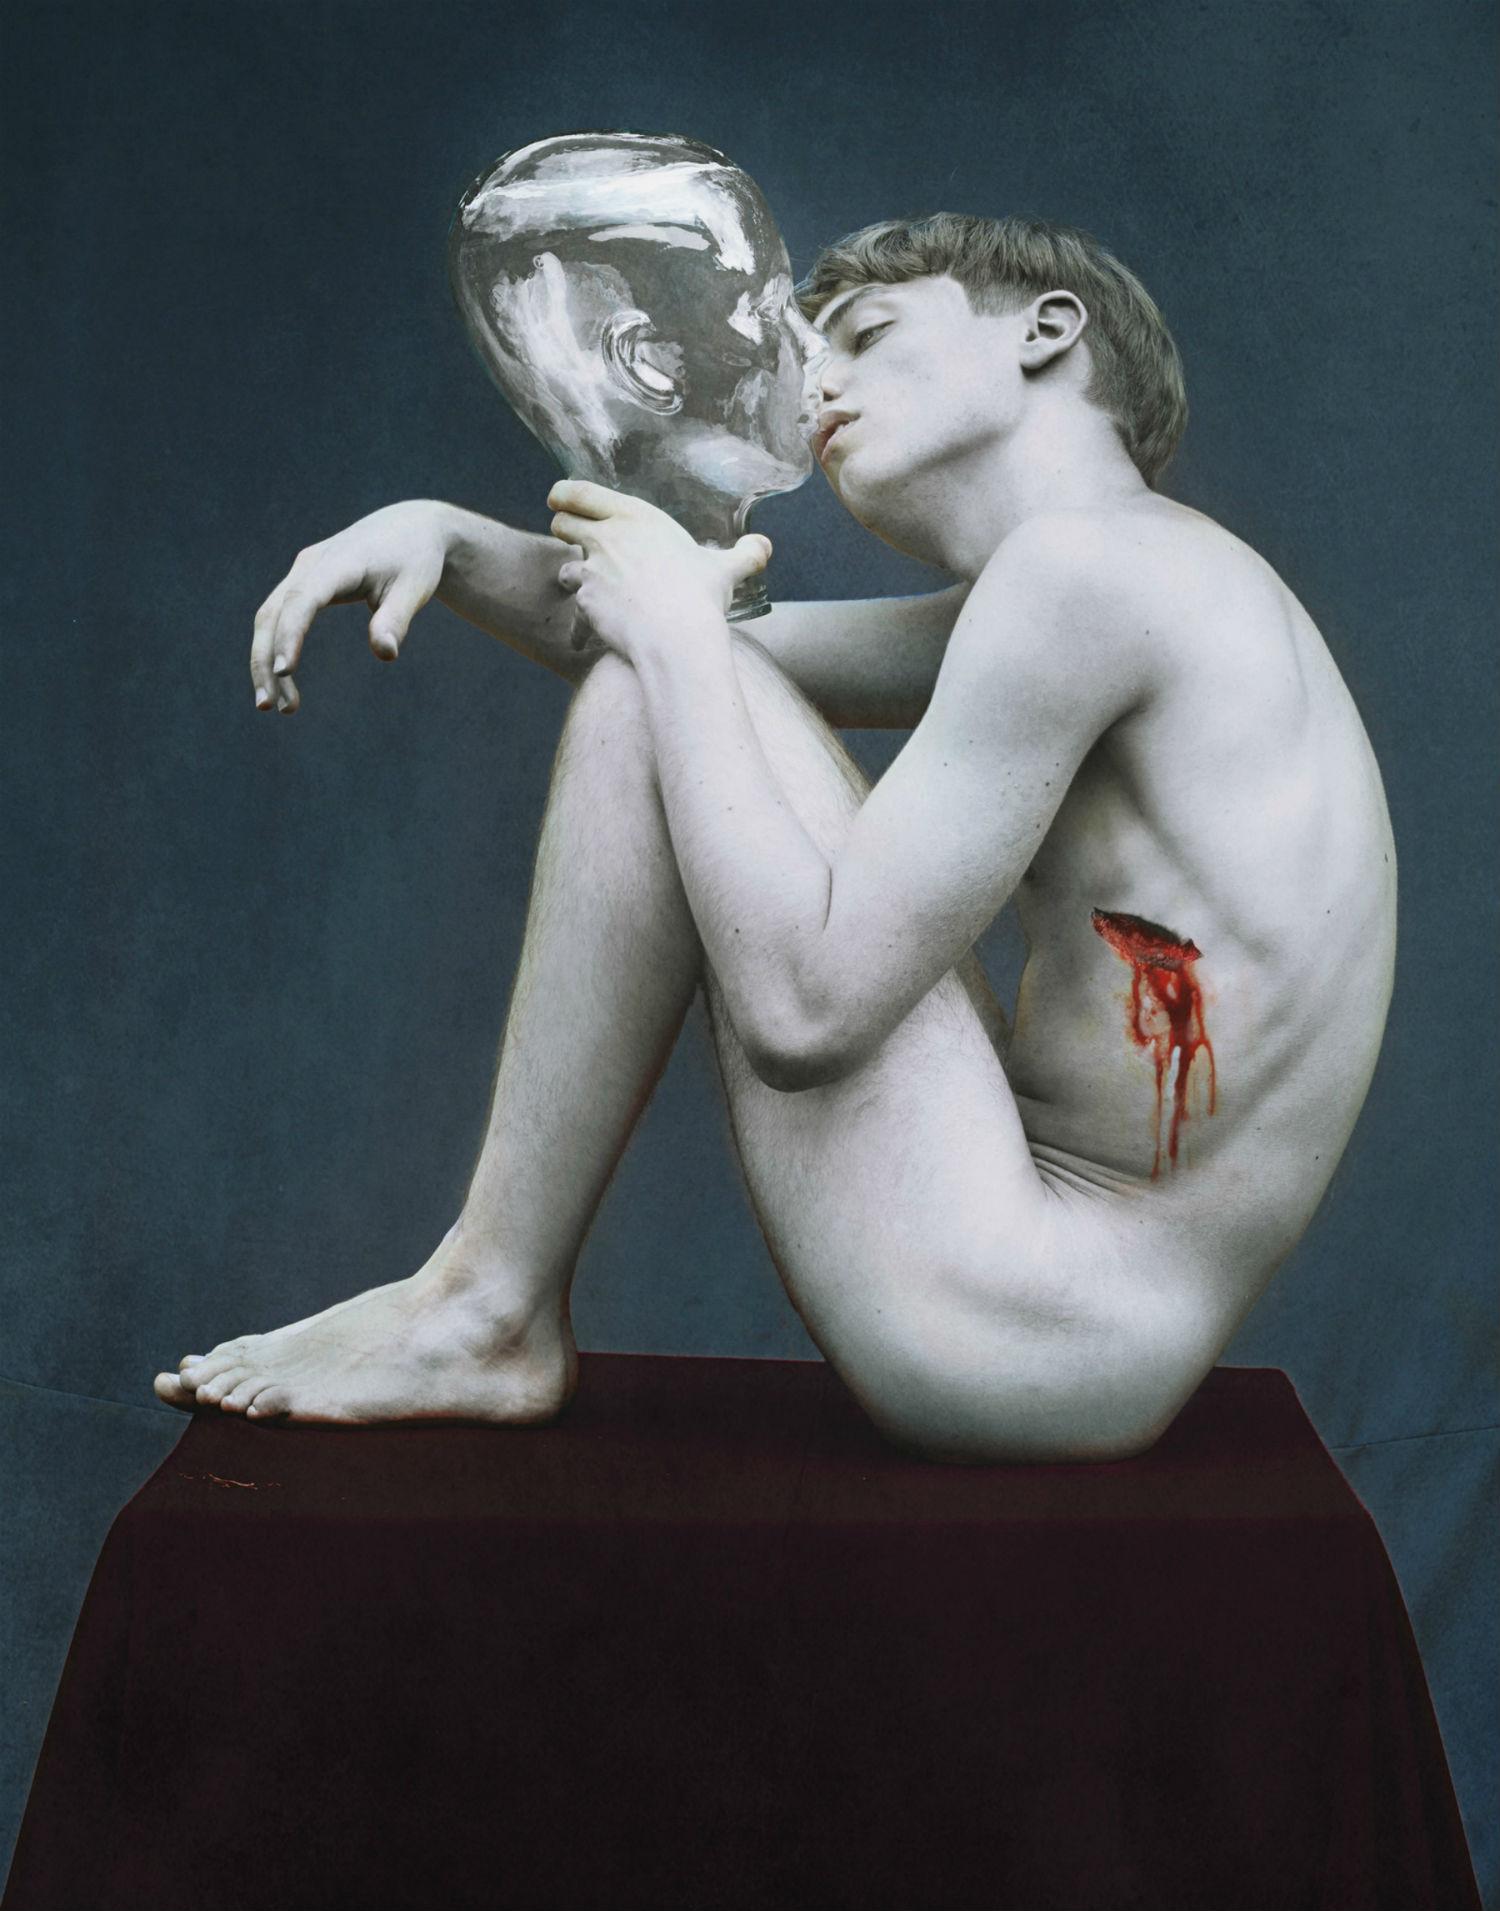 marwane pallas nude model wound